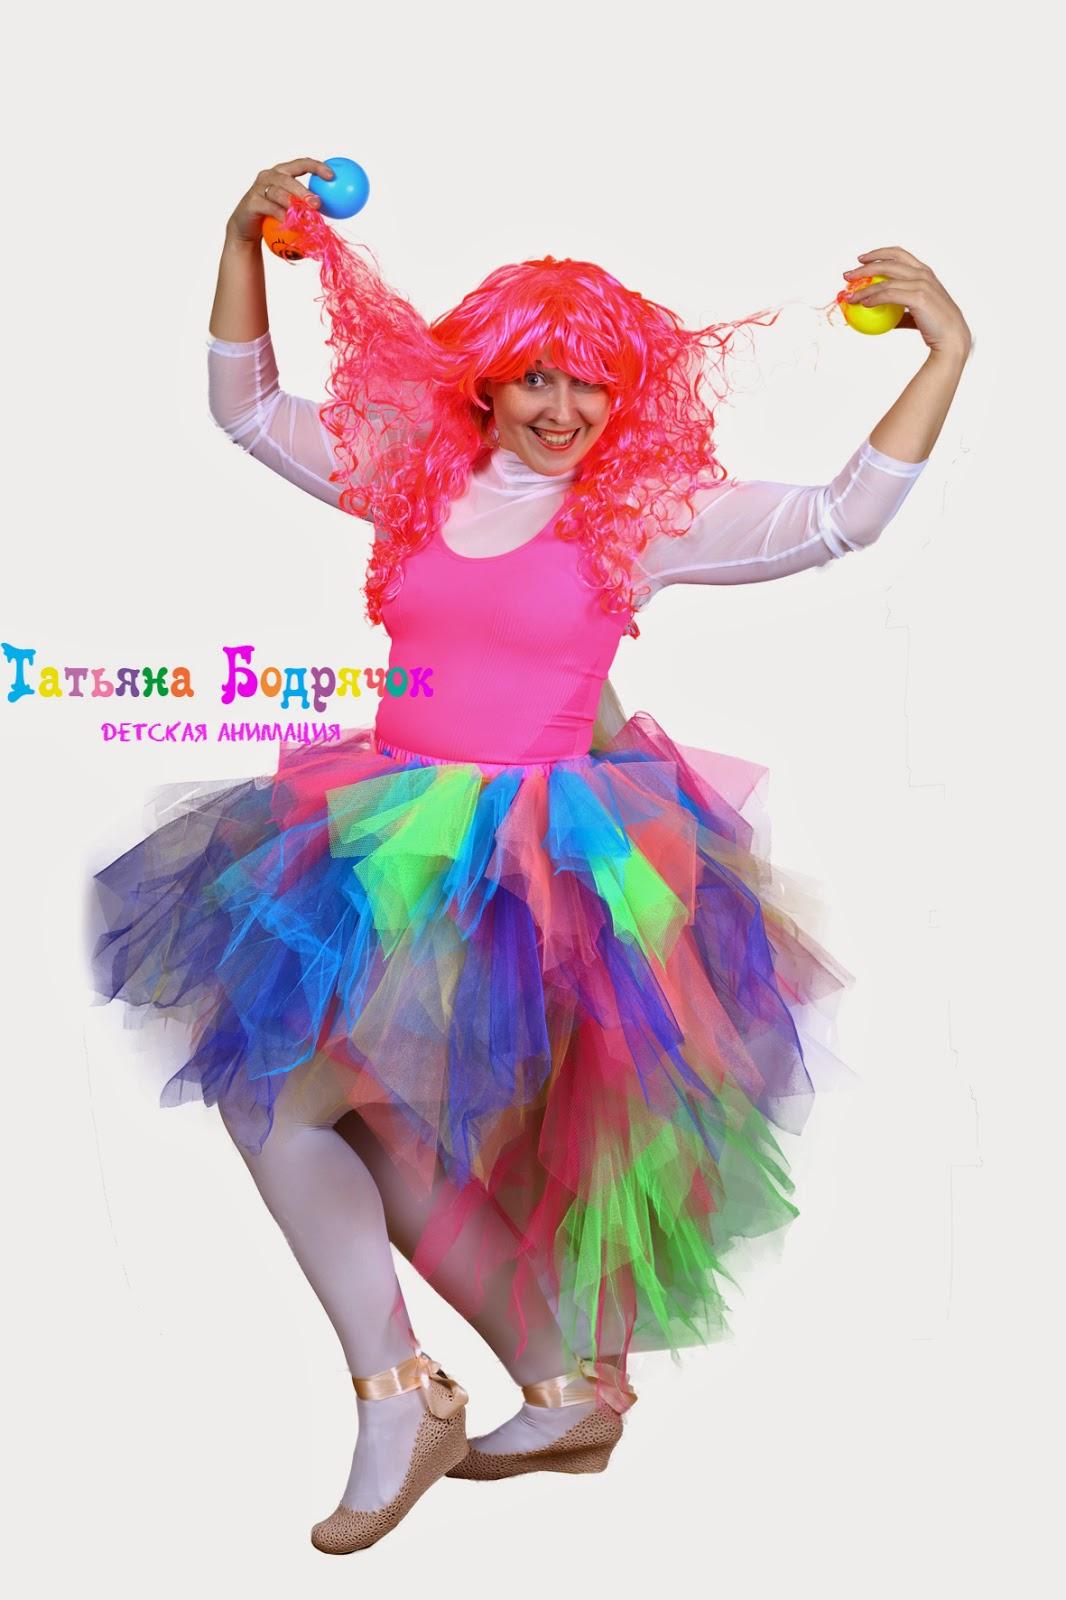 детские праздники Смоленск,аниматоры Смоленск,Татьяна Бодрячок,клоун Смоленск